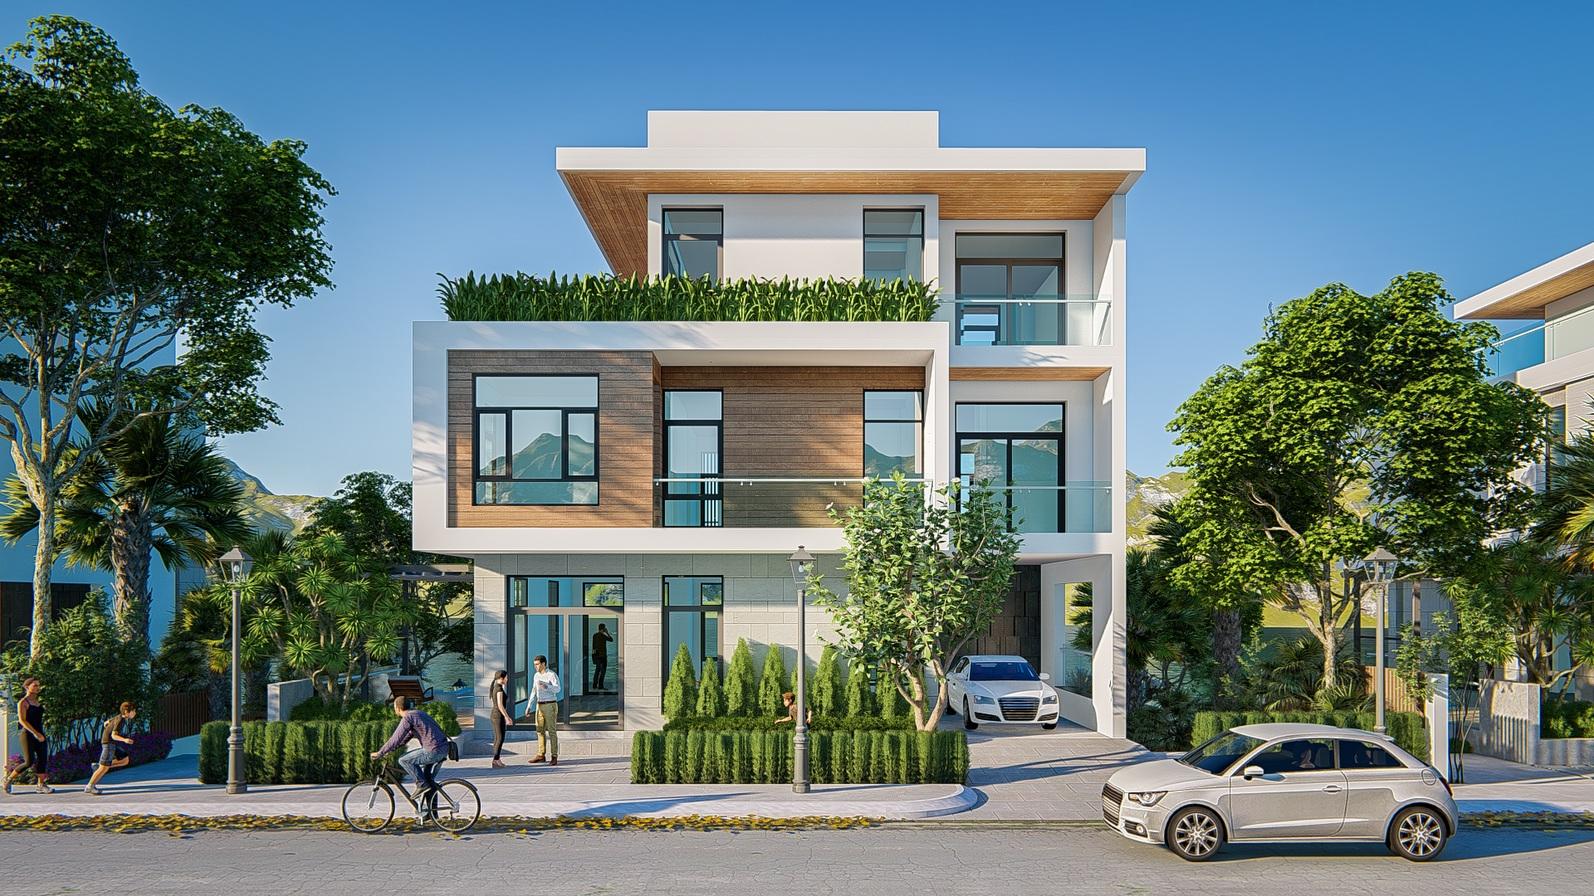 Một căn biệt thự 3 tầng, xung quanh có nhiều cây xanh, người đạp xe, chạy bộ và ô tô